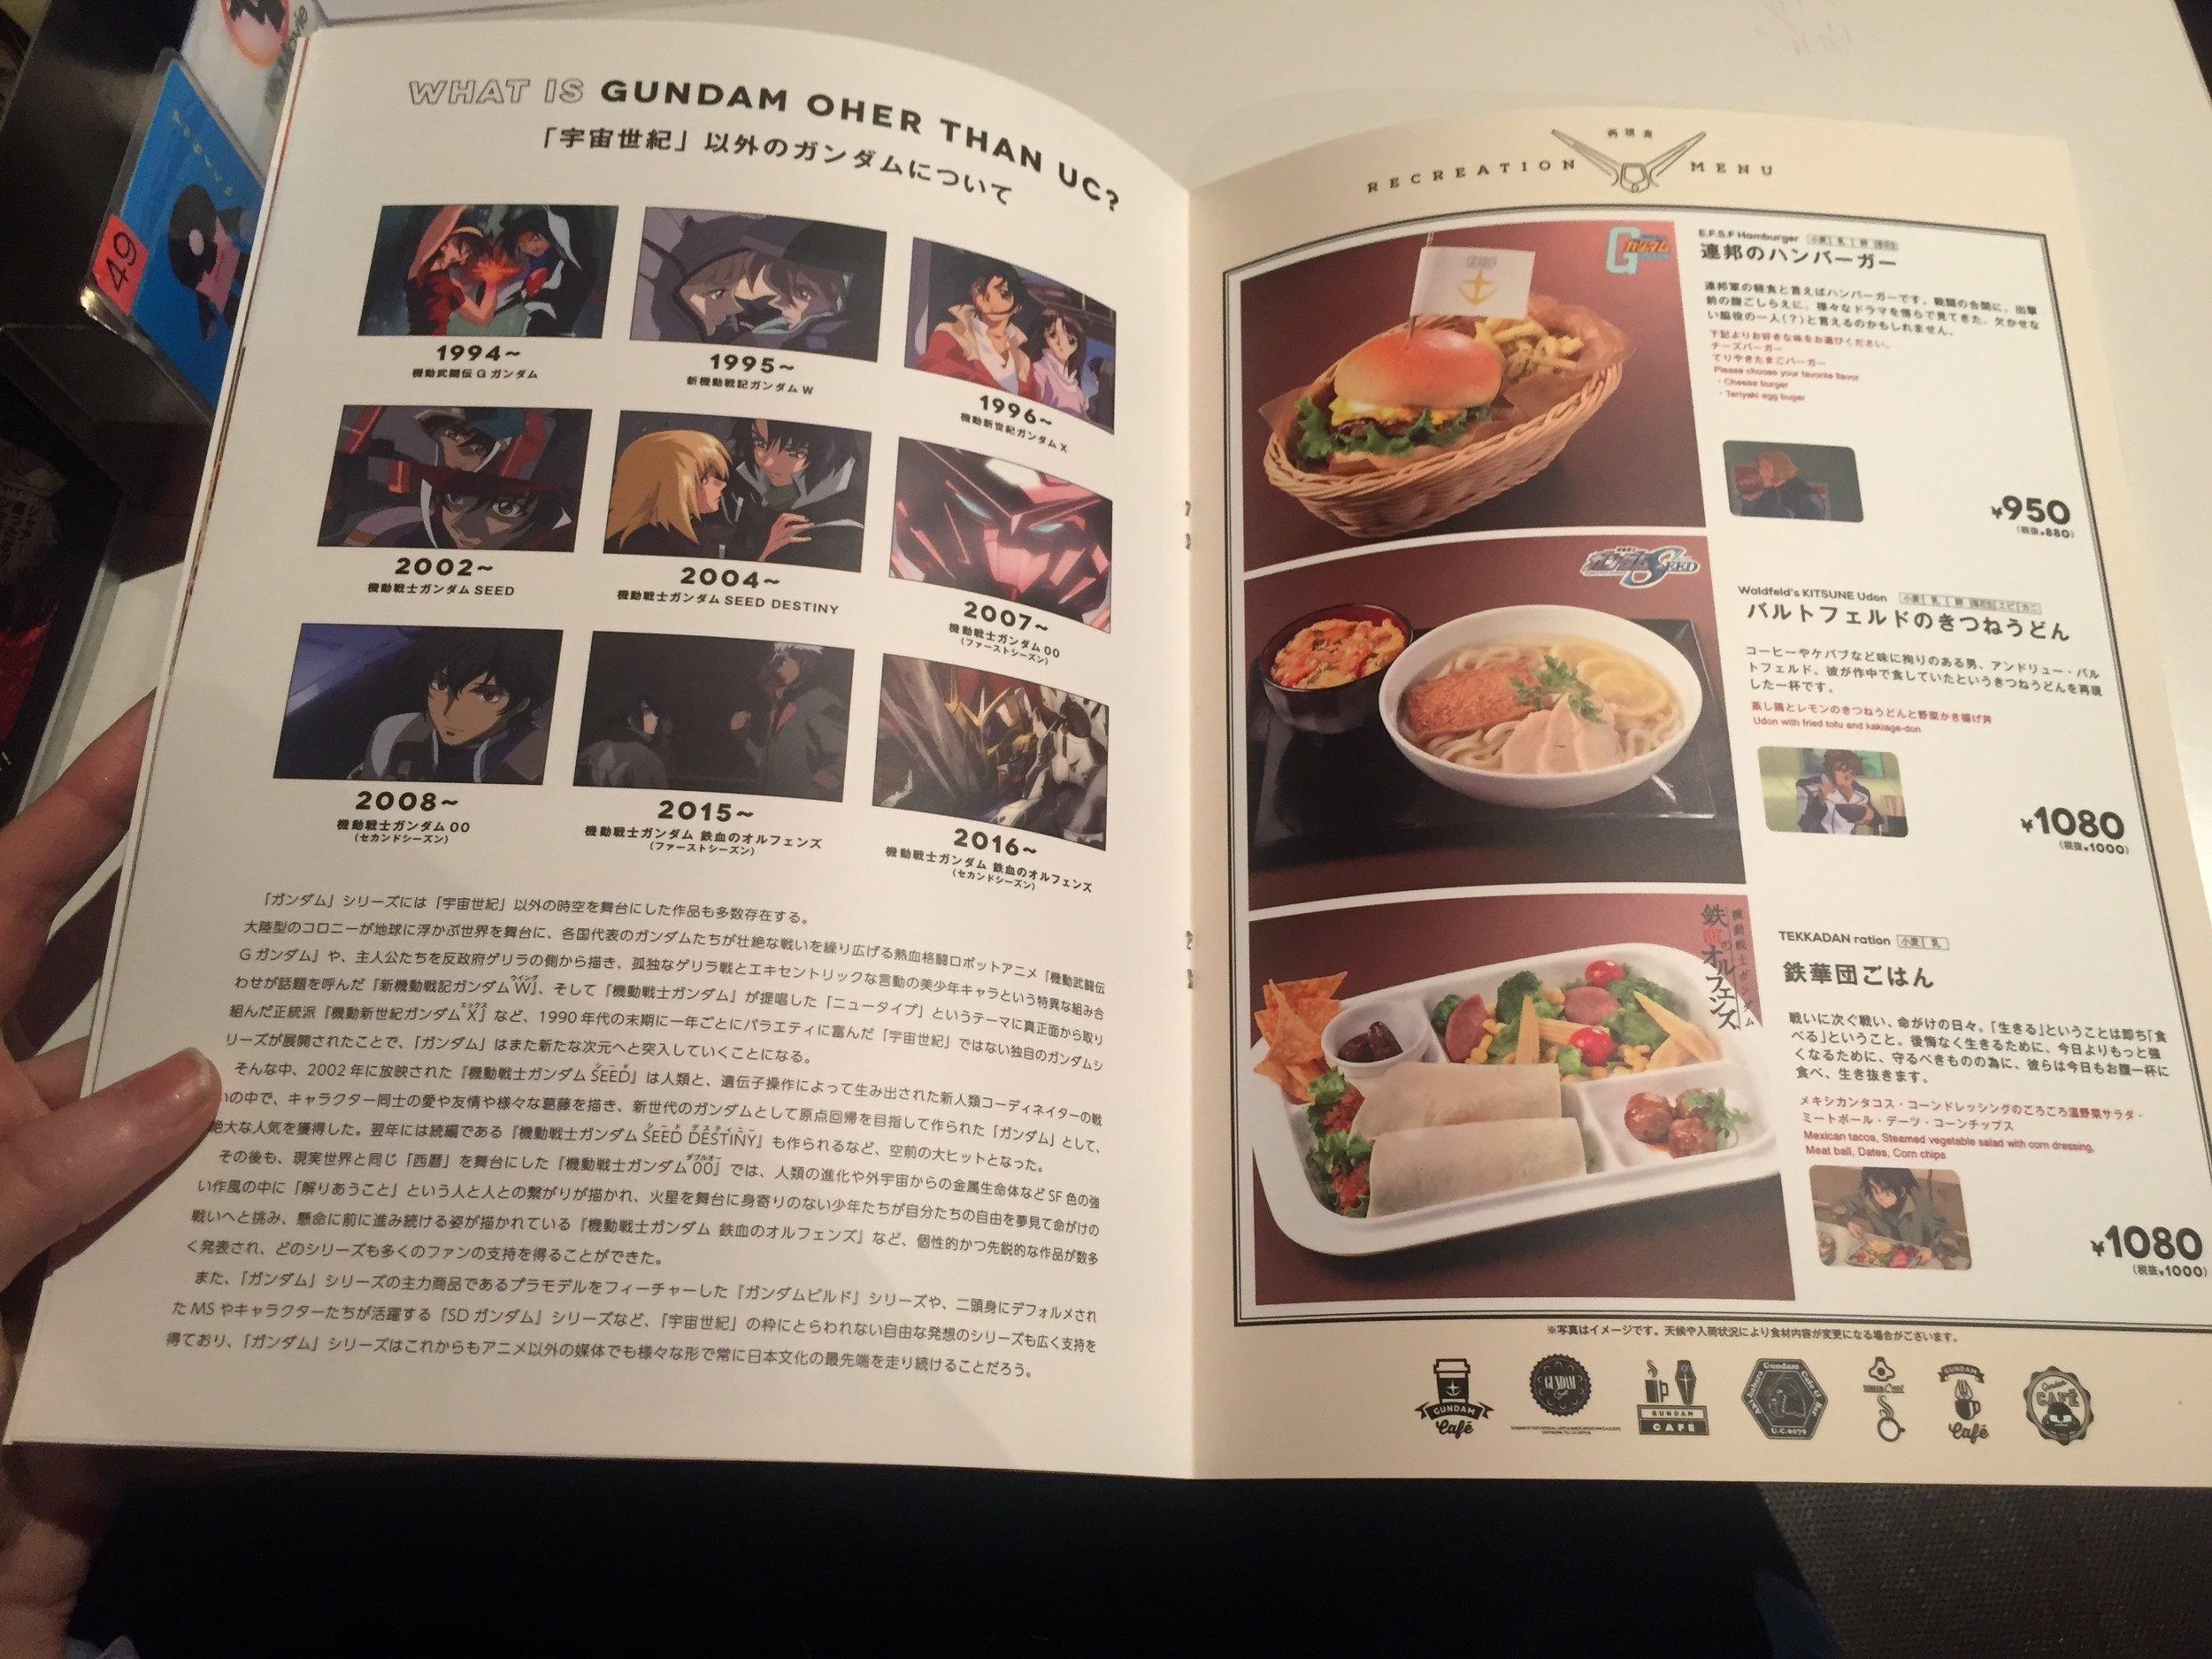 gundam cafe menu akihabara.JPG